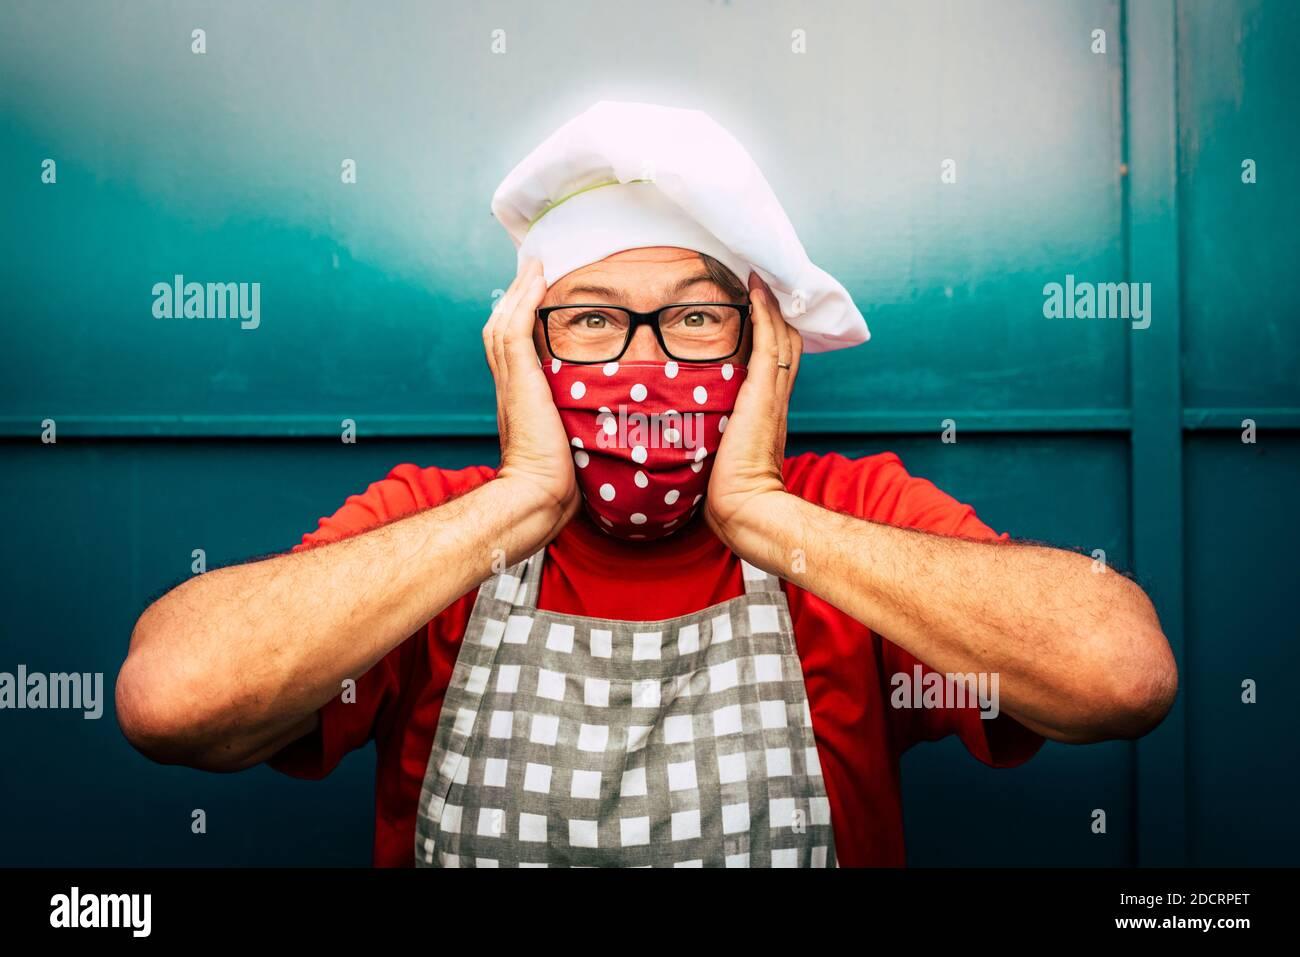 Ritratto di un uomo adulto sorridente con cappello rosso di santa e. maschera facciale per l'emergenza virus coronavirus covid-19 - concetto di natale e holi Foto Stock